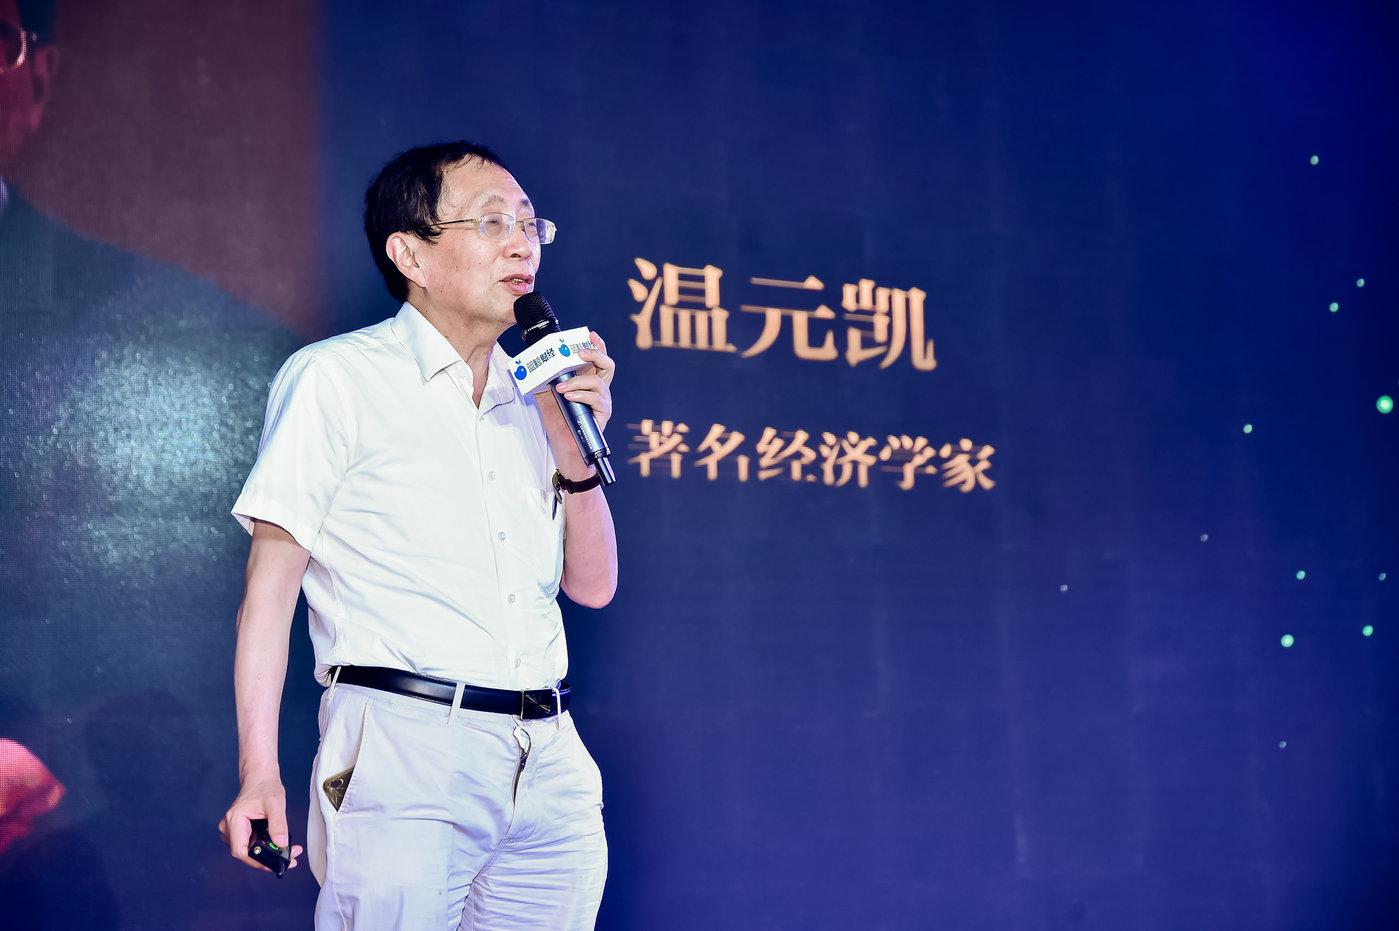 著名经济学家温元凯发表演讲